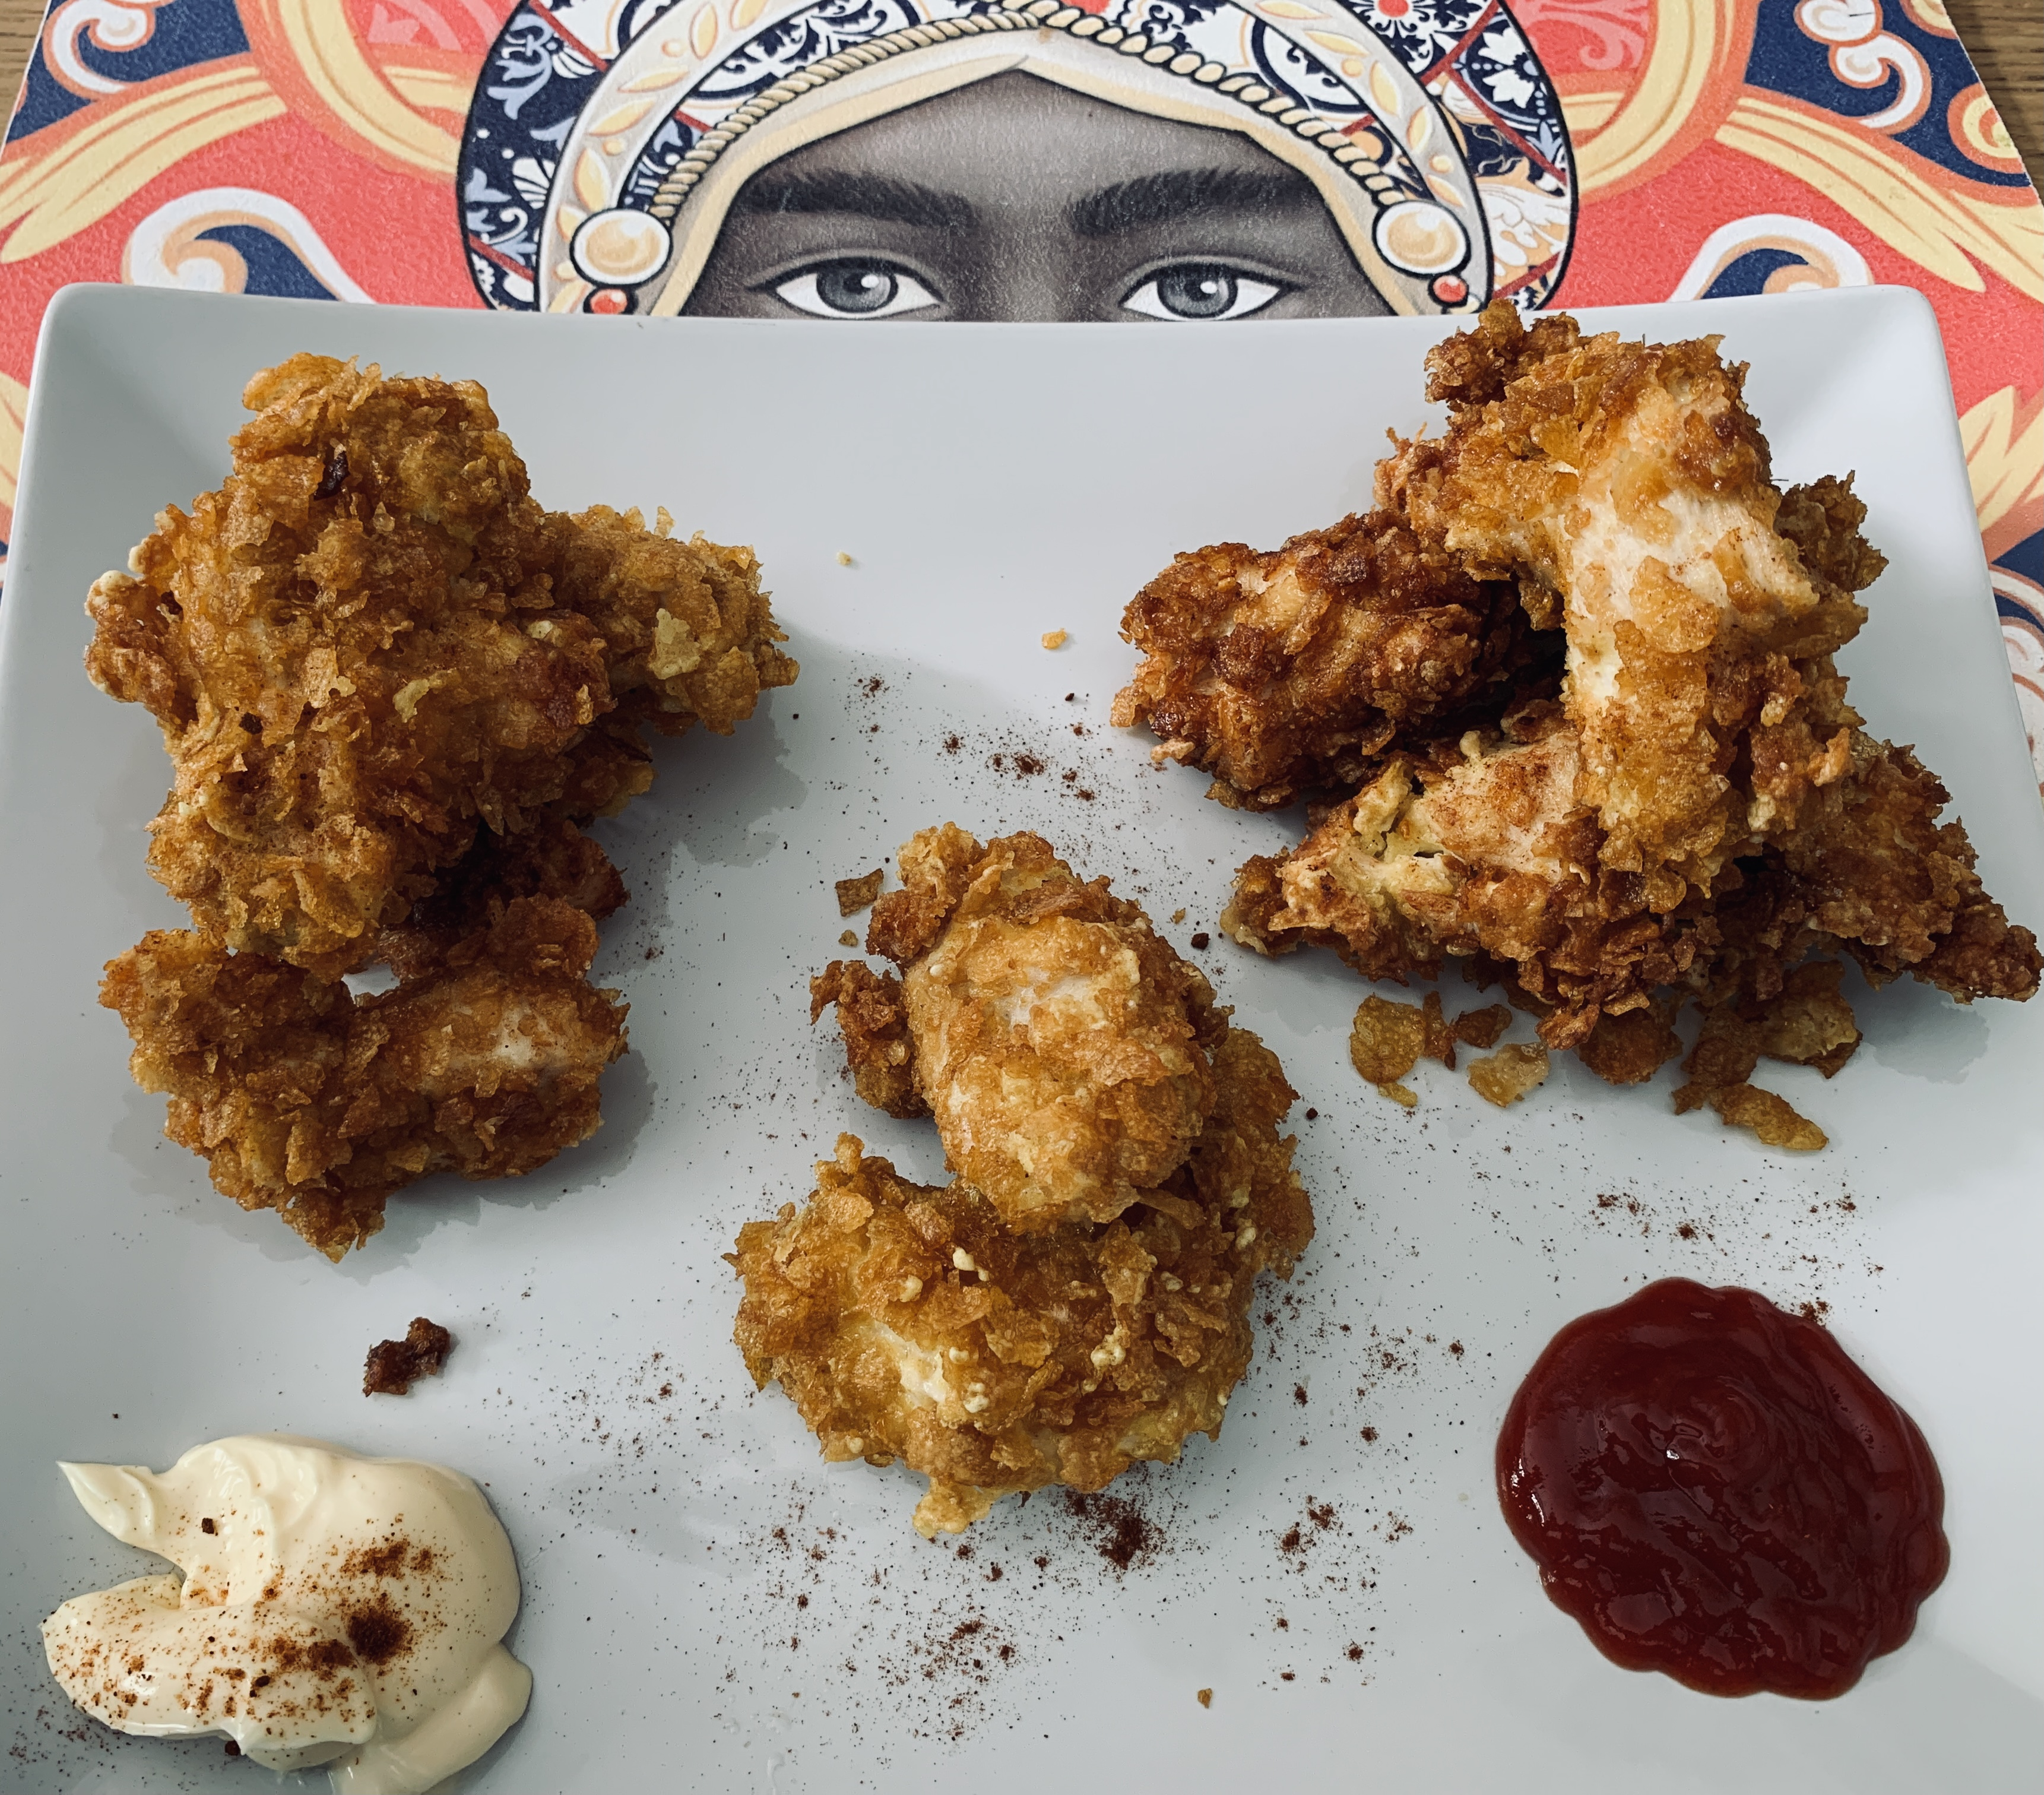 Filetti di pollo croccanti